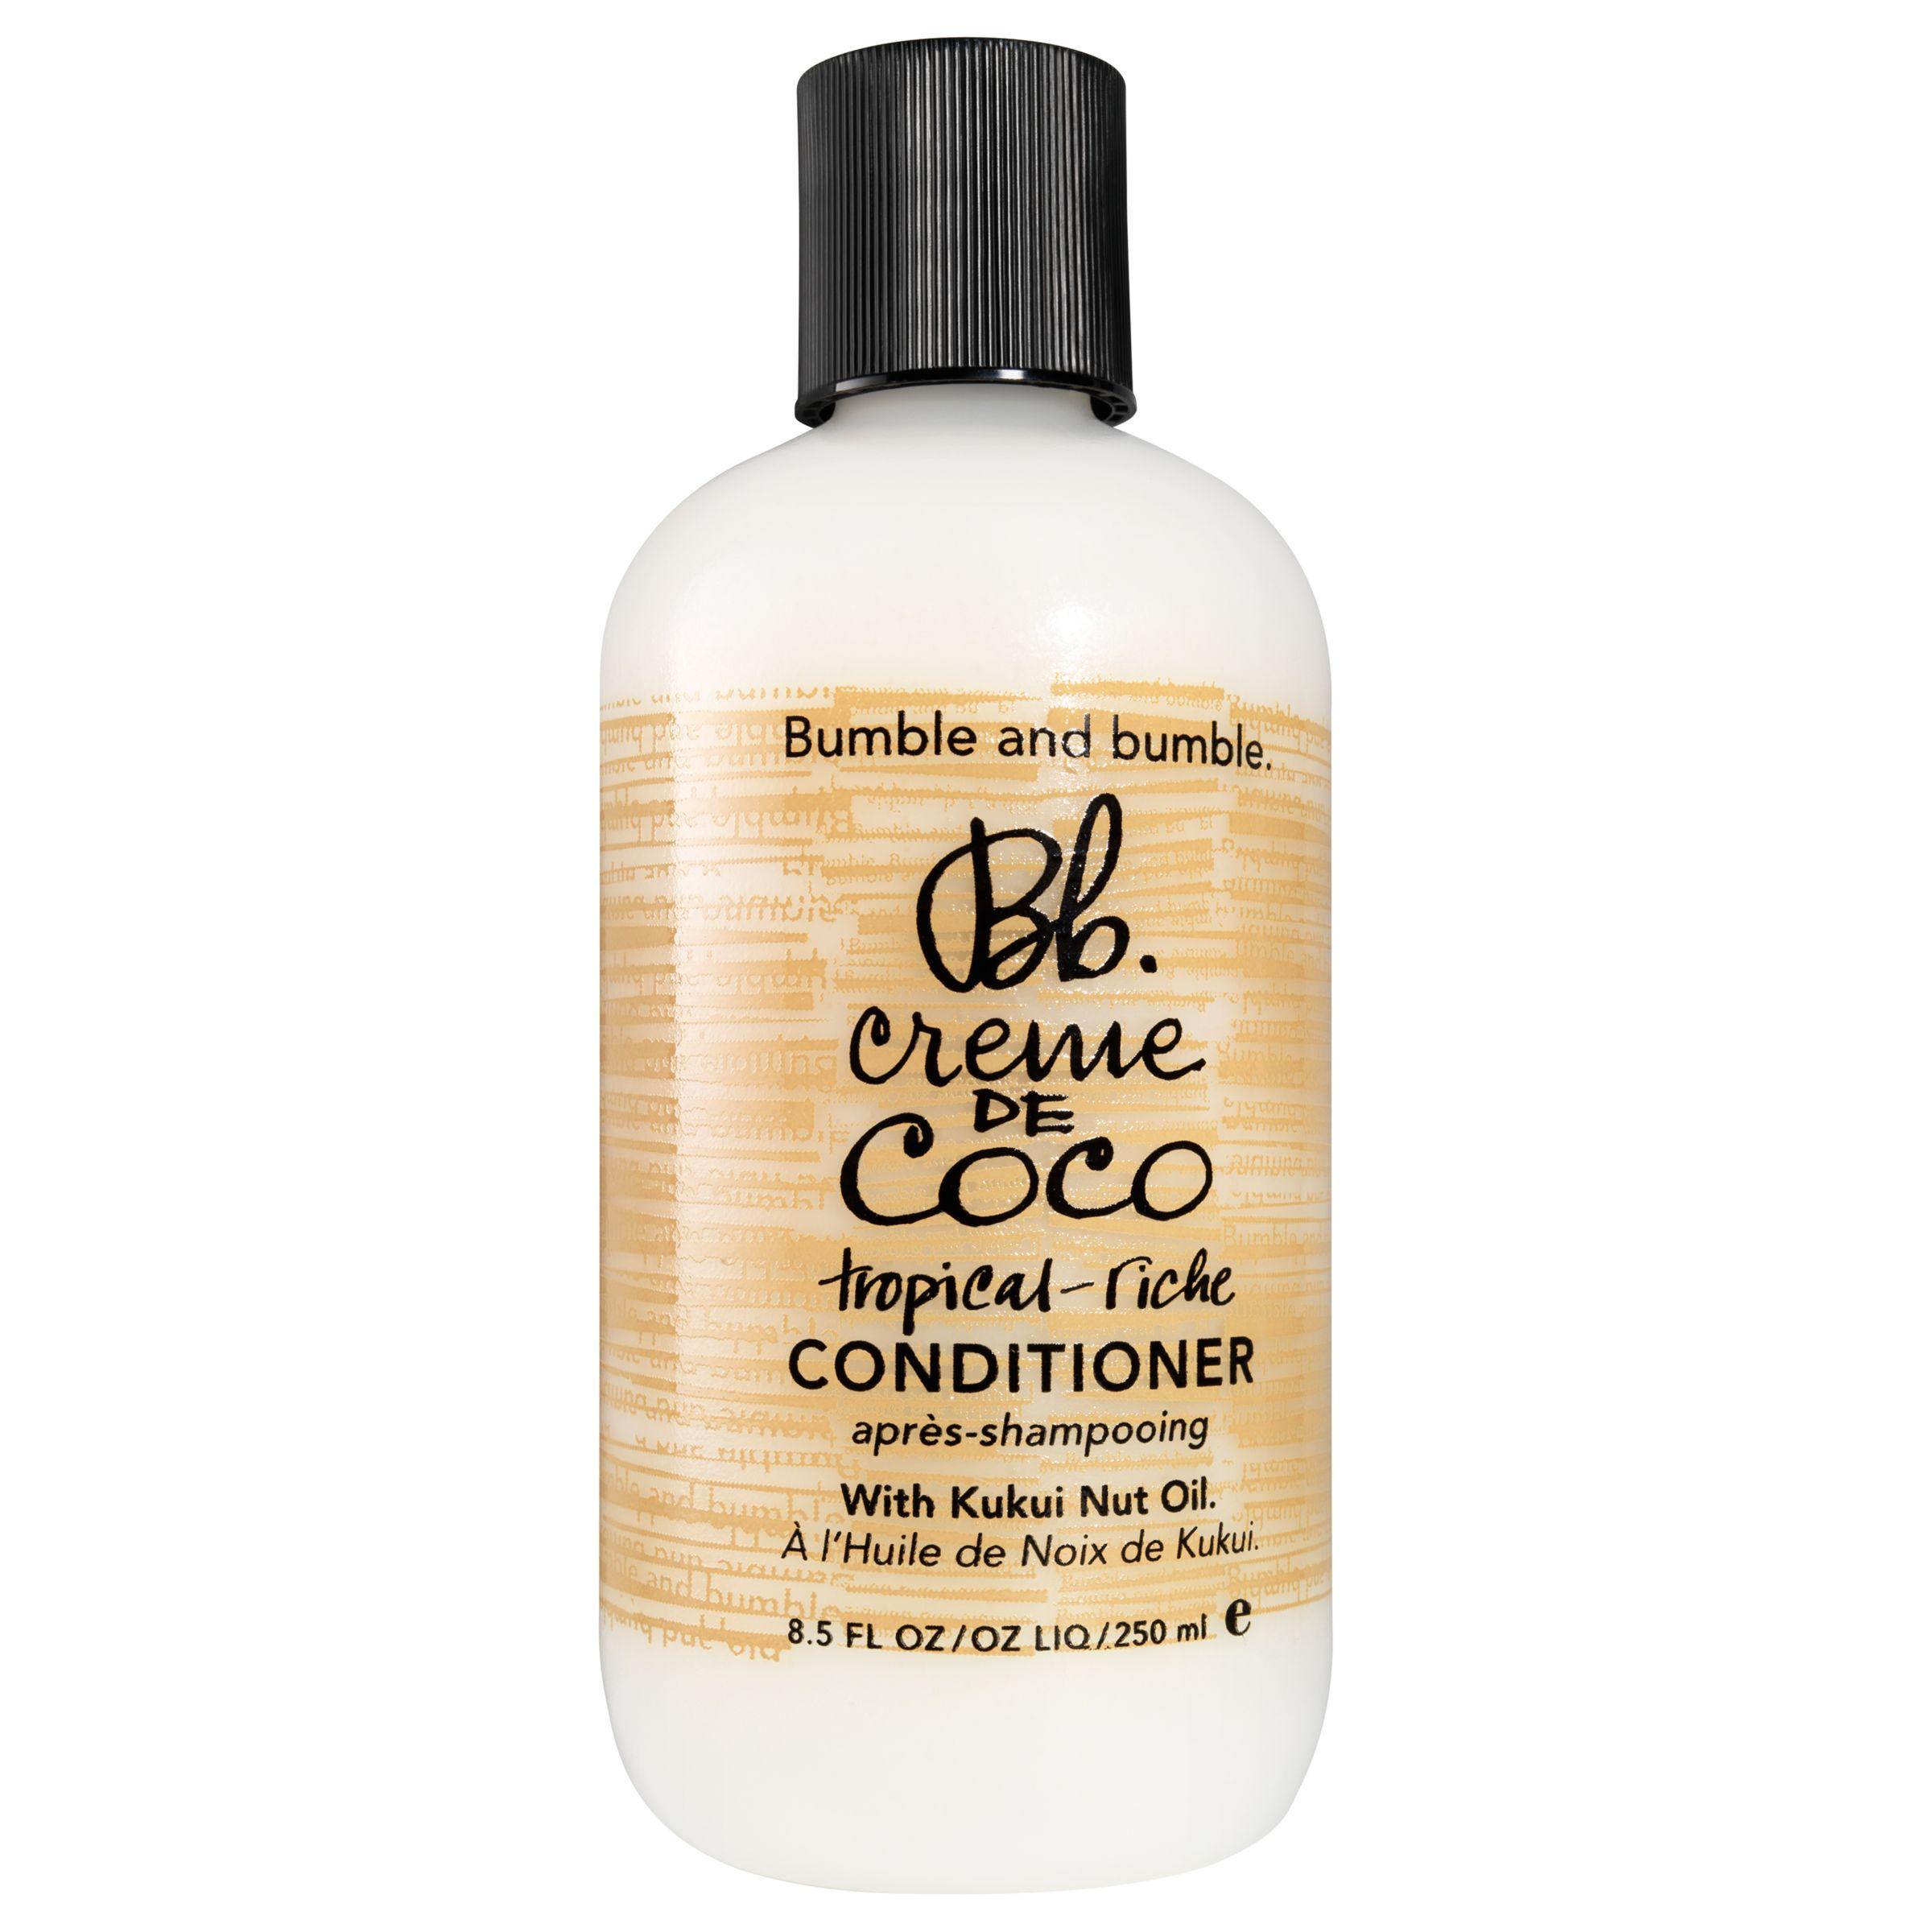 Bumble and bumble Bumble and bumble Creme De Coco Conditioner